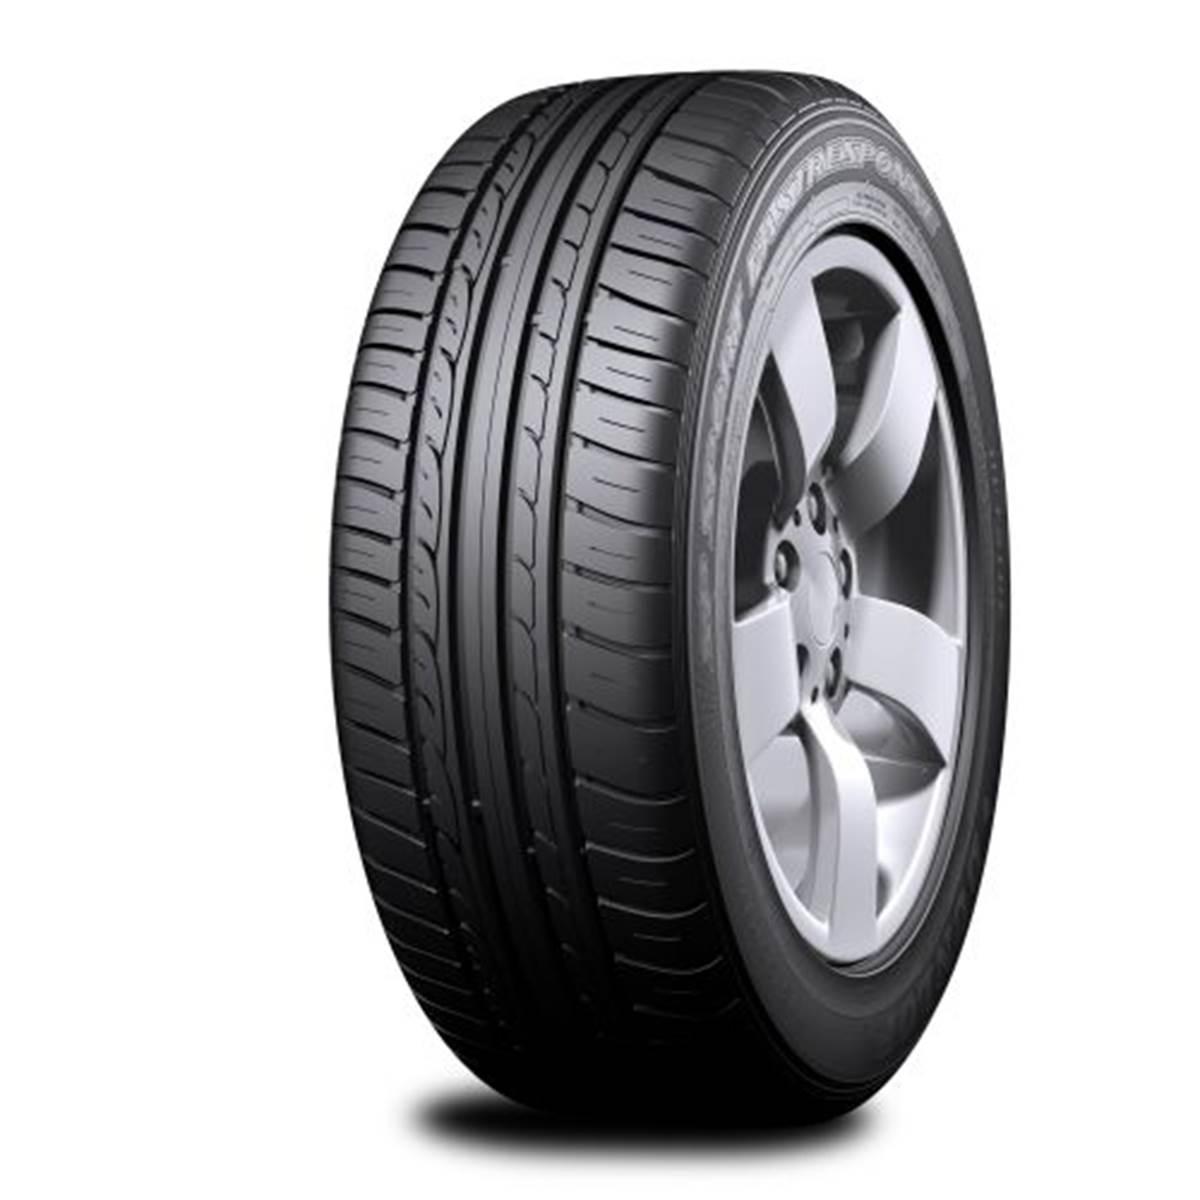 Pneu Dunlop 195/65R15 91T Sp Sport Fast Response